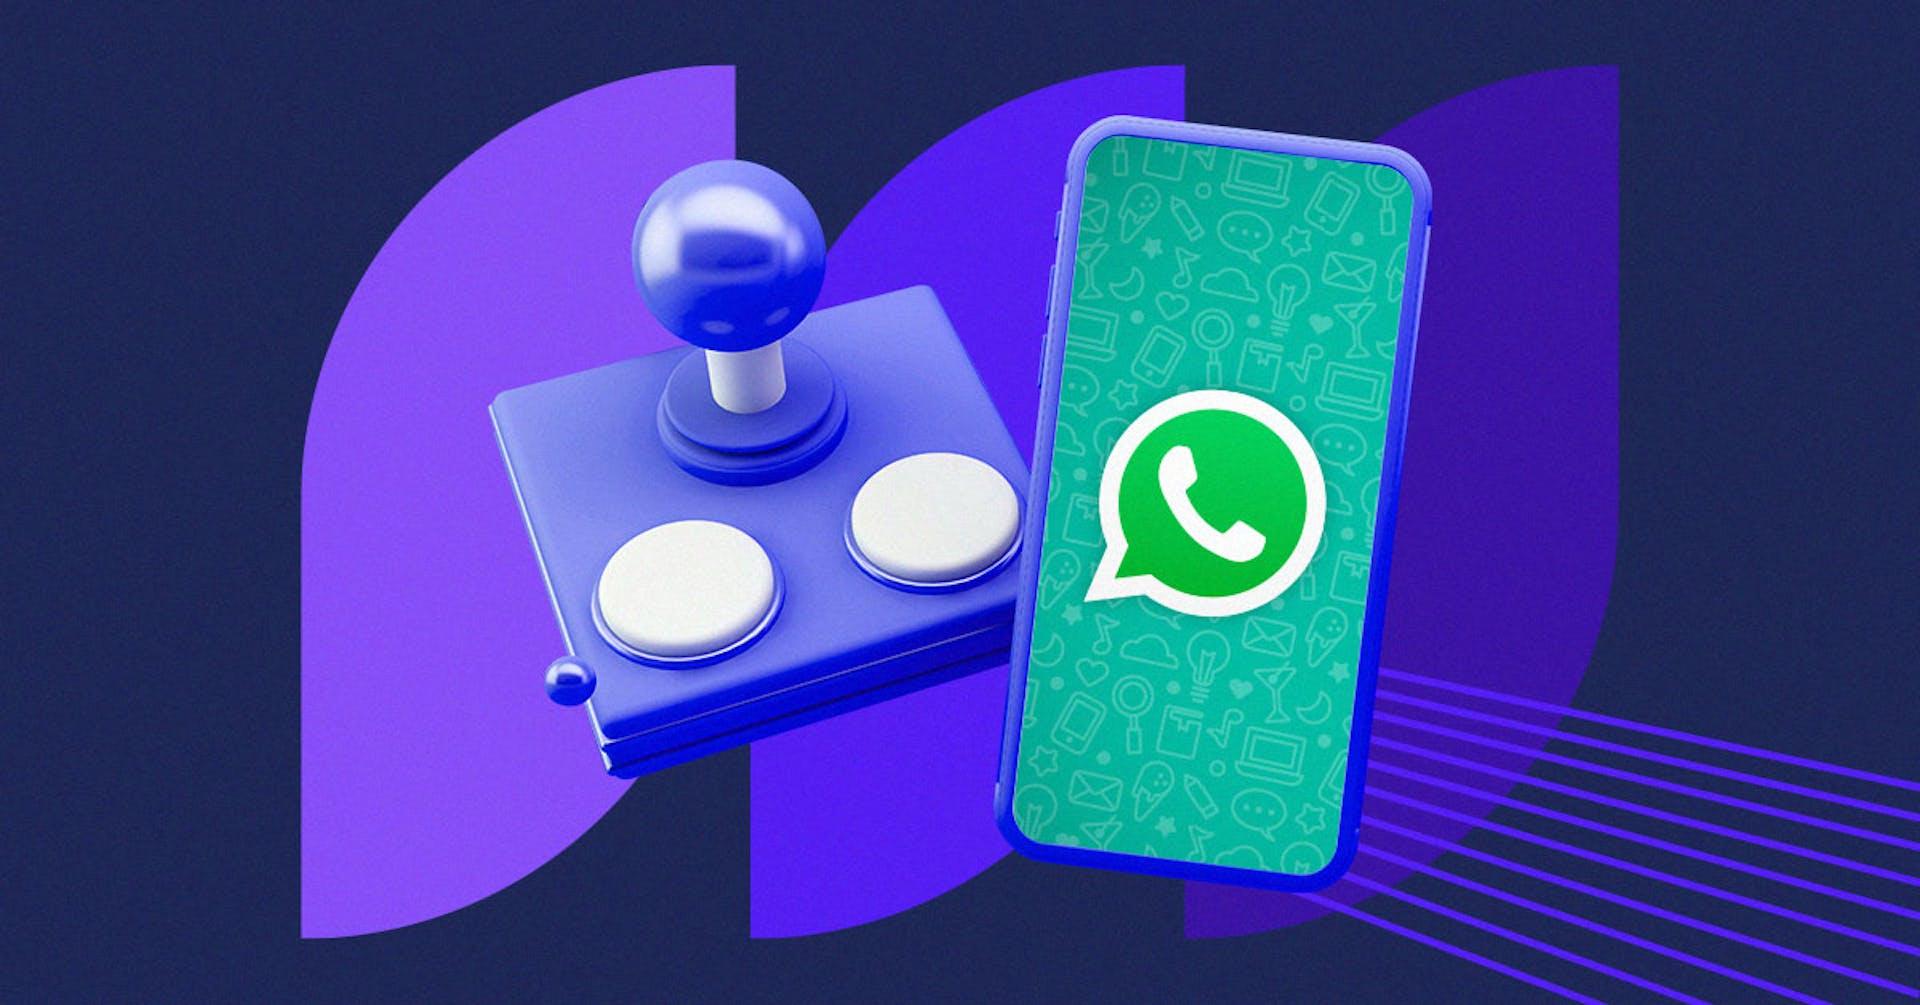 40 Dinámicas para grupos de WhatsApp que no te puedes perder: Juega y diviértete desde casa